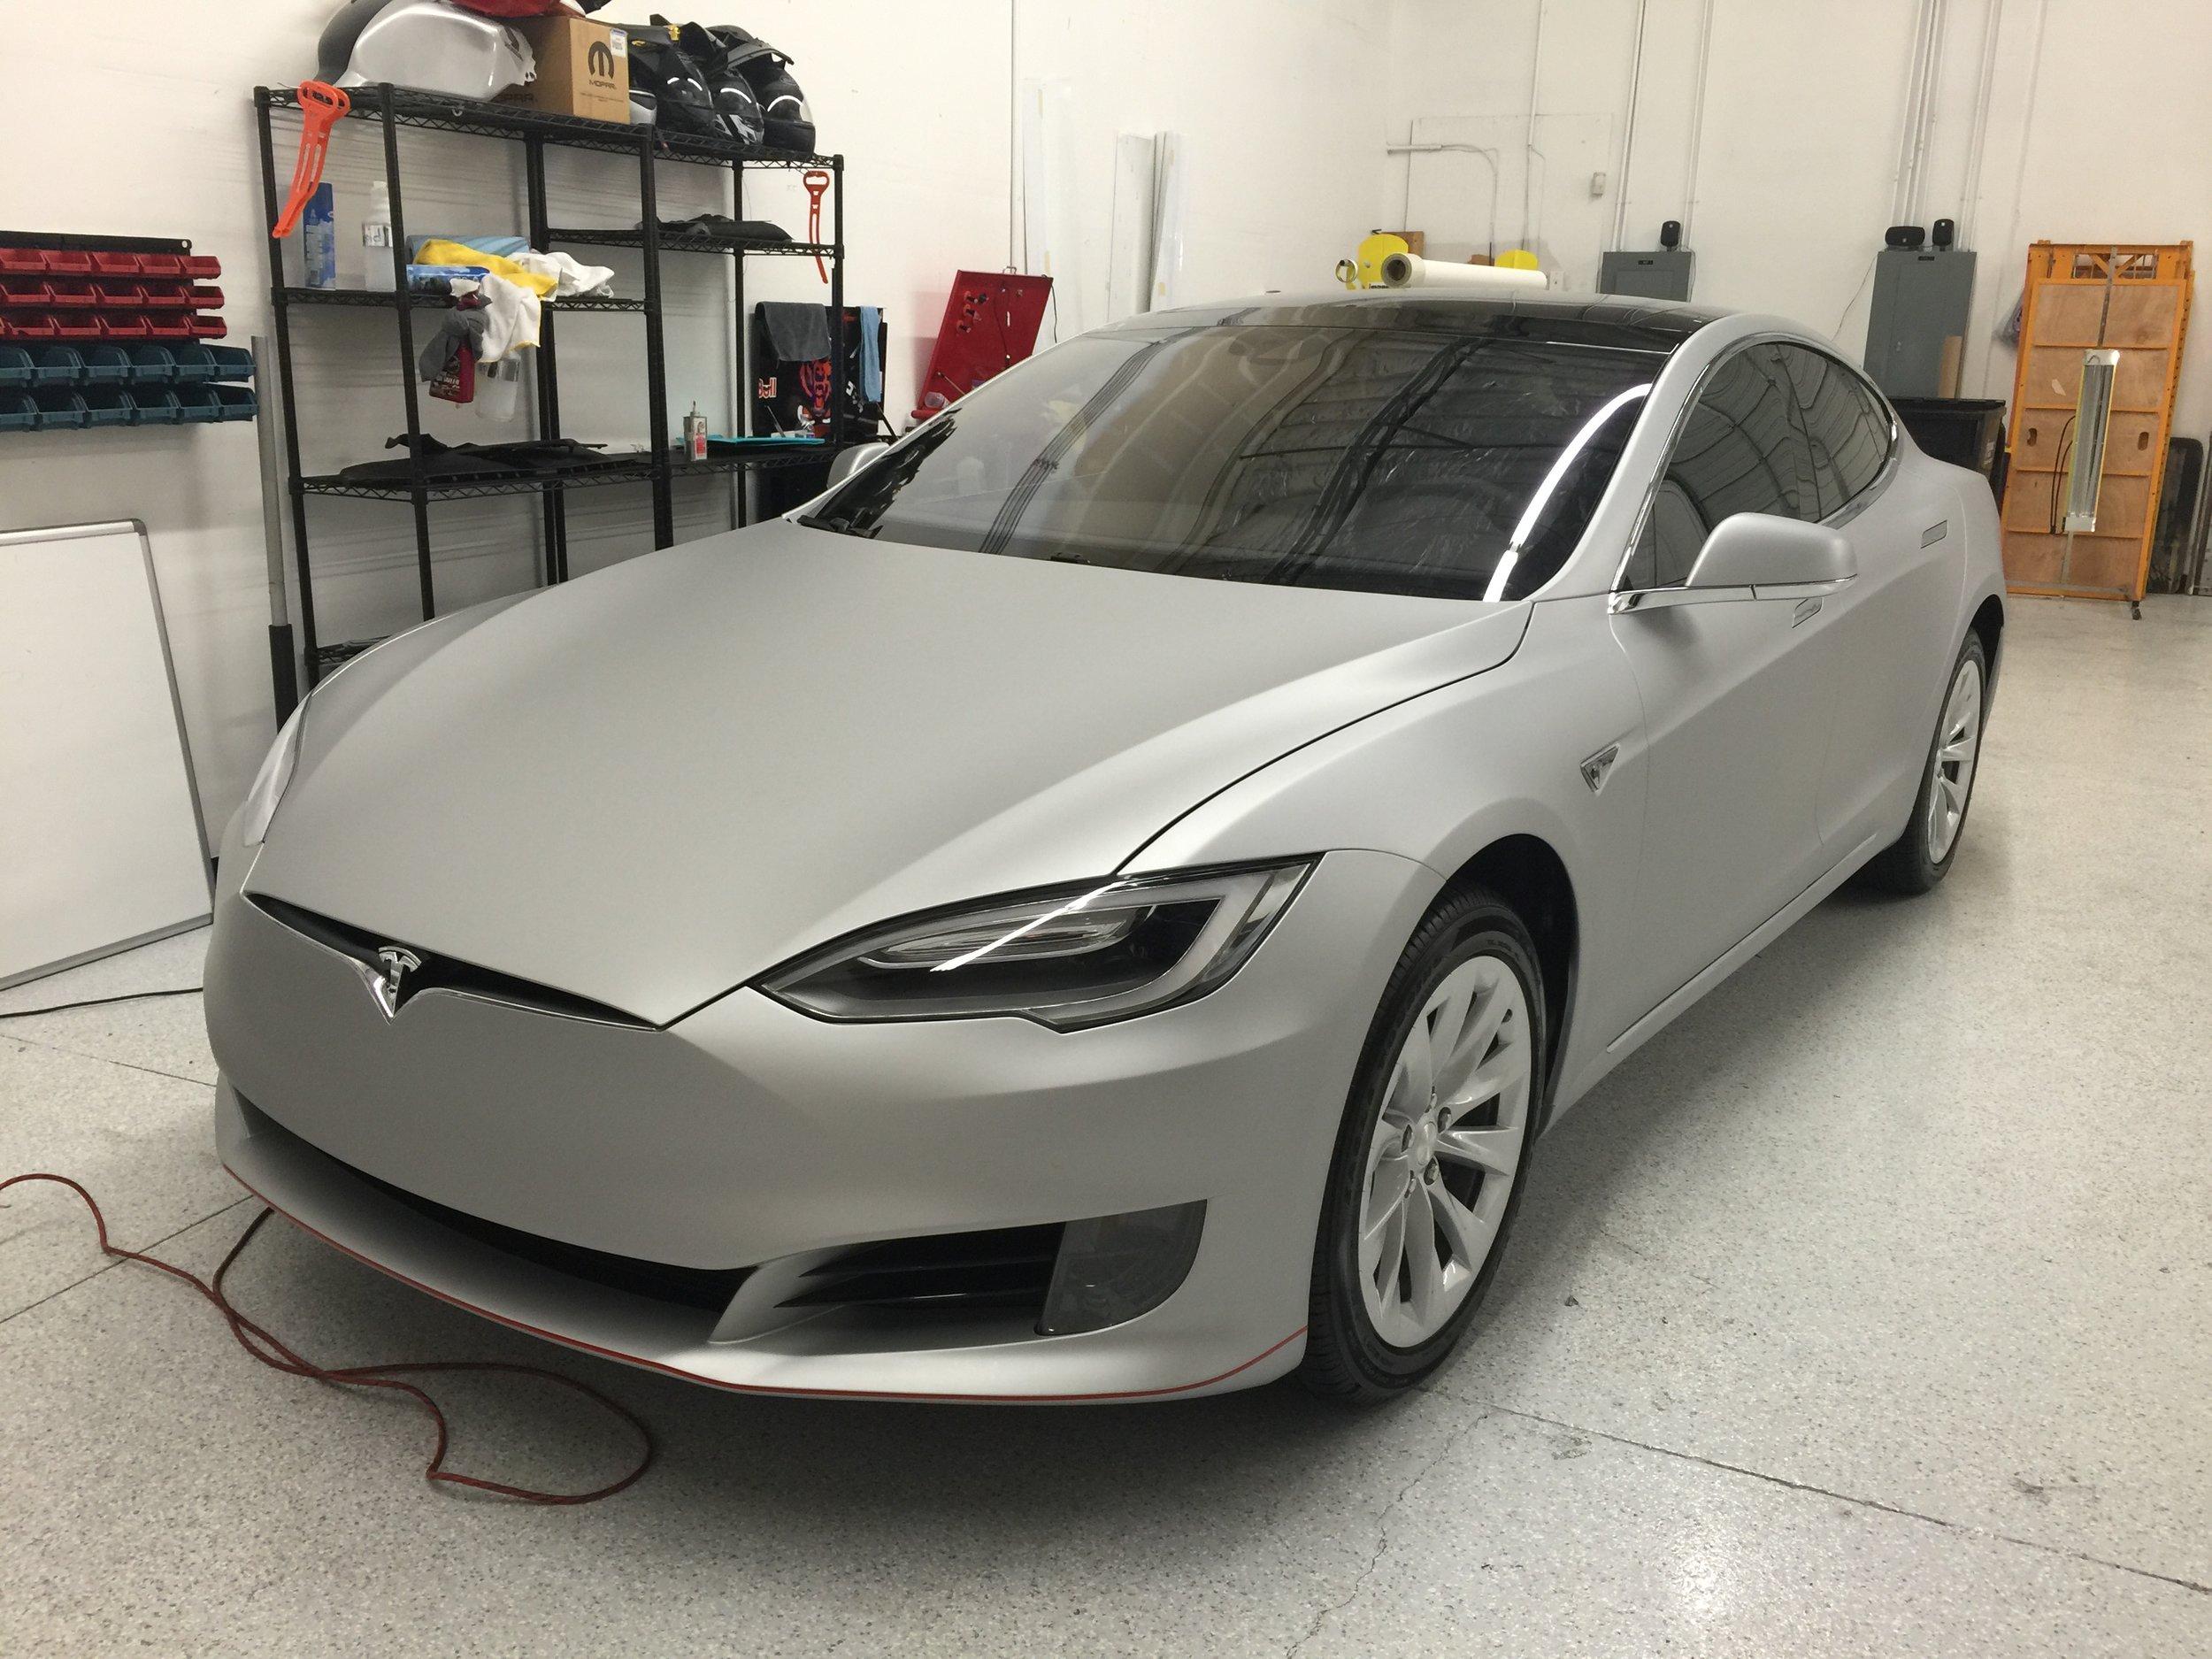 Tesla Model S - Matte Silver Wrap